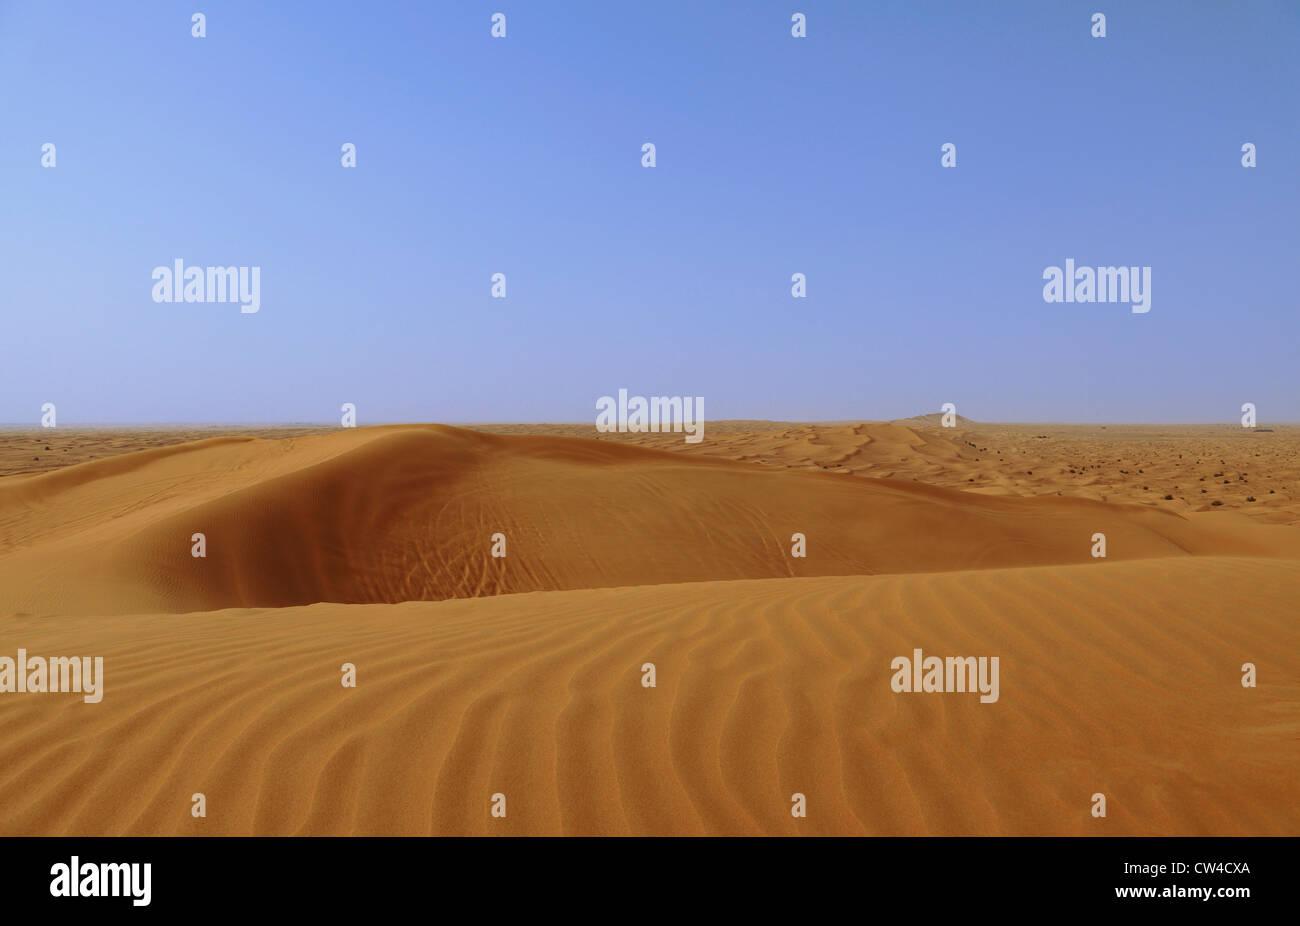 3520. Desert view, Desert area, Dubai, UAE. - Stock Image